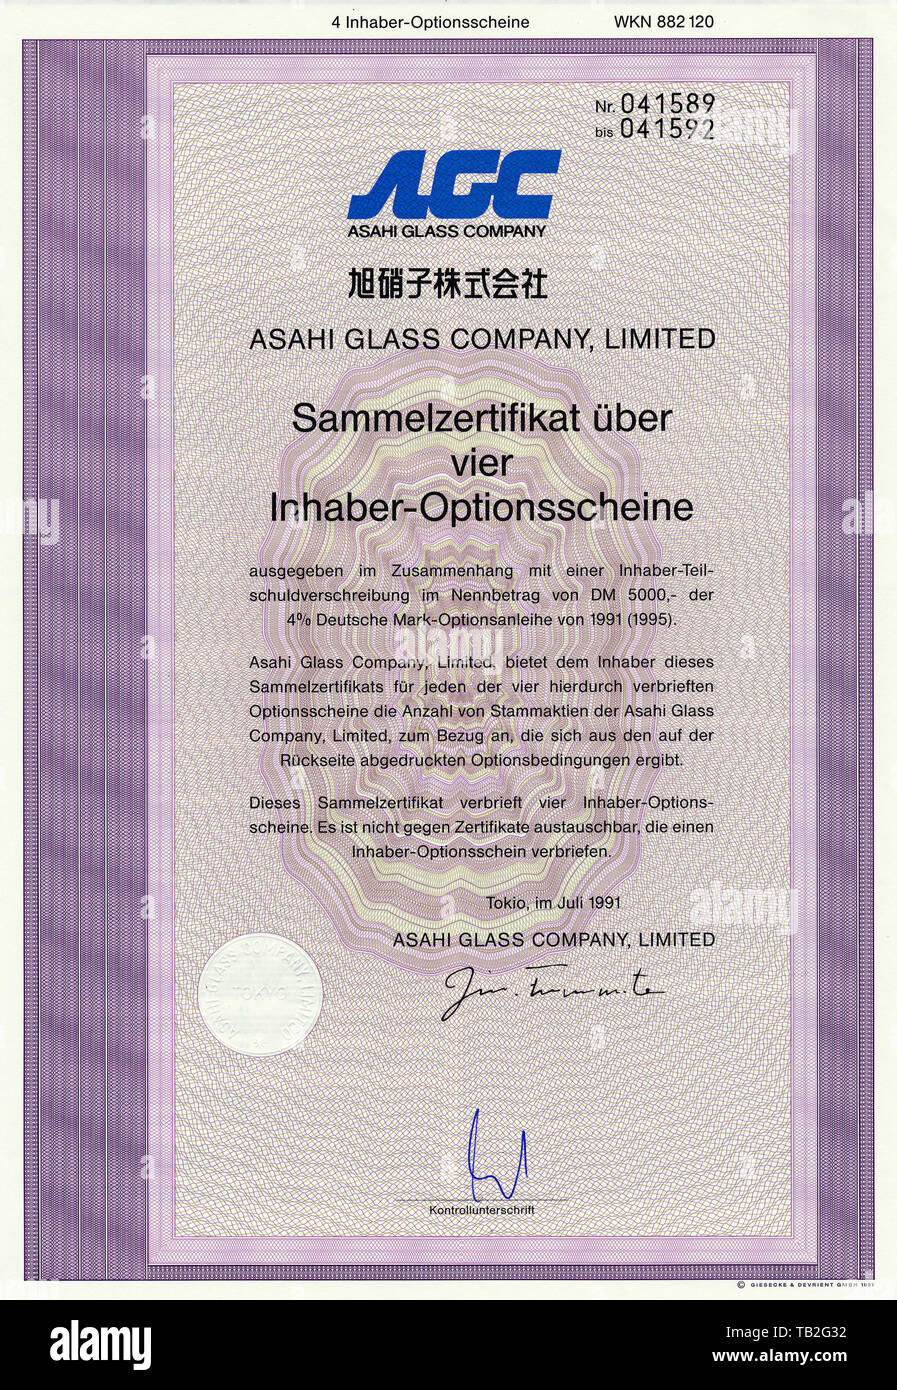 Historisches Wertpapier, japanischer Inhaber-Optionsschein, Deutsche Mark, DM, Glas Produkte für die Industrie, AGC, Asahi Glass Company, Limited, 1991, Tokio, Japan - Stock Image